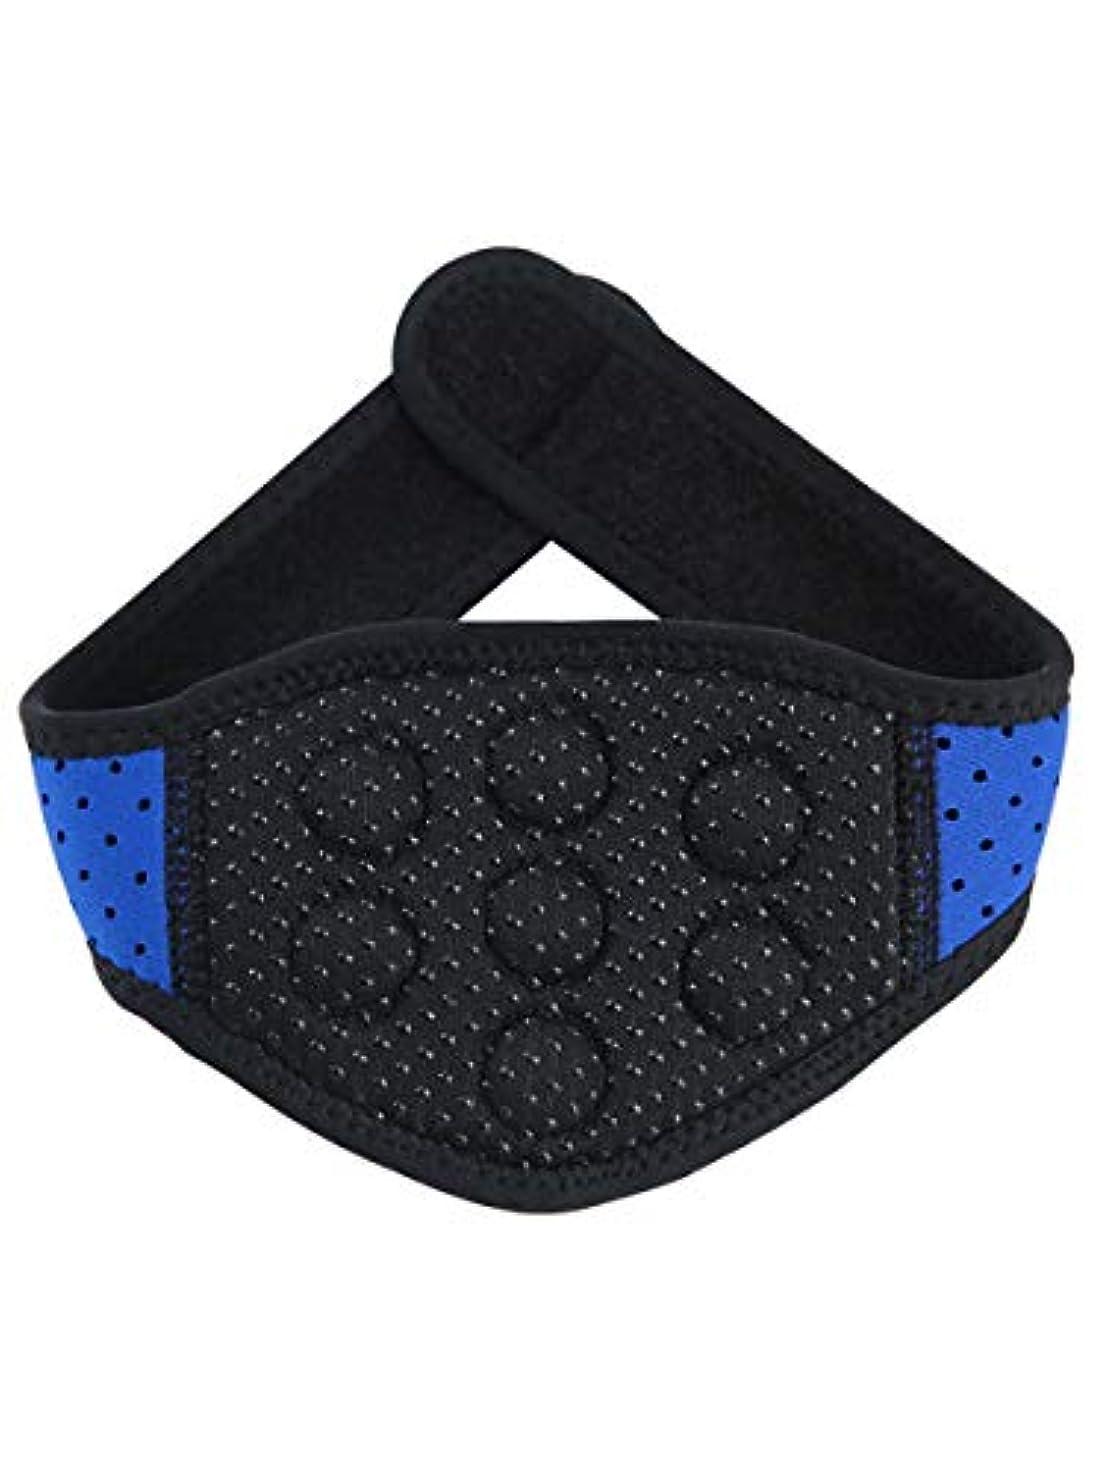 特殊翻訳検閲体を温めて首の頚椎の首を保護して保温して熱をつけて磁気療法の磁気治療の頸の頸椎の首を持って首の骨を持って大人の快適な男の人の家庭用です [並行輸入品]